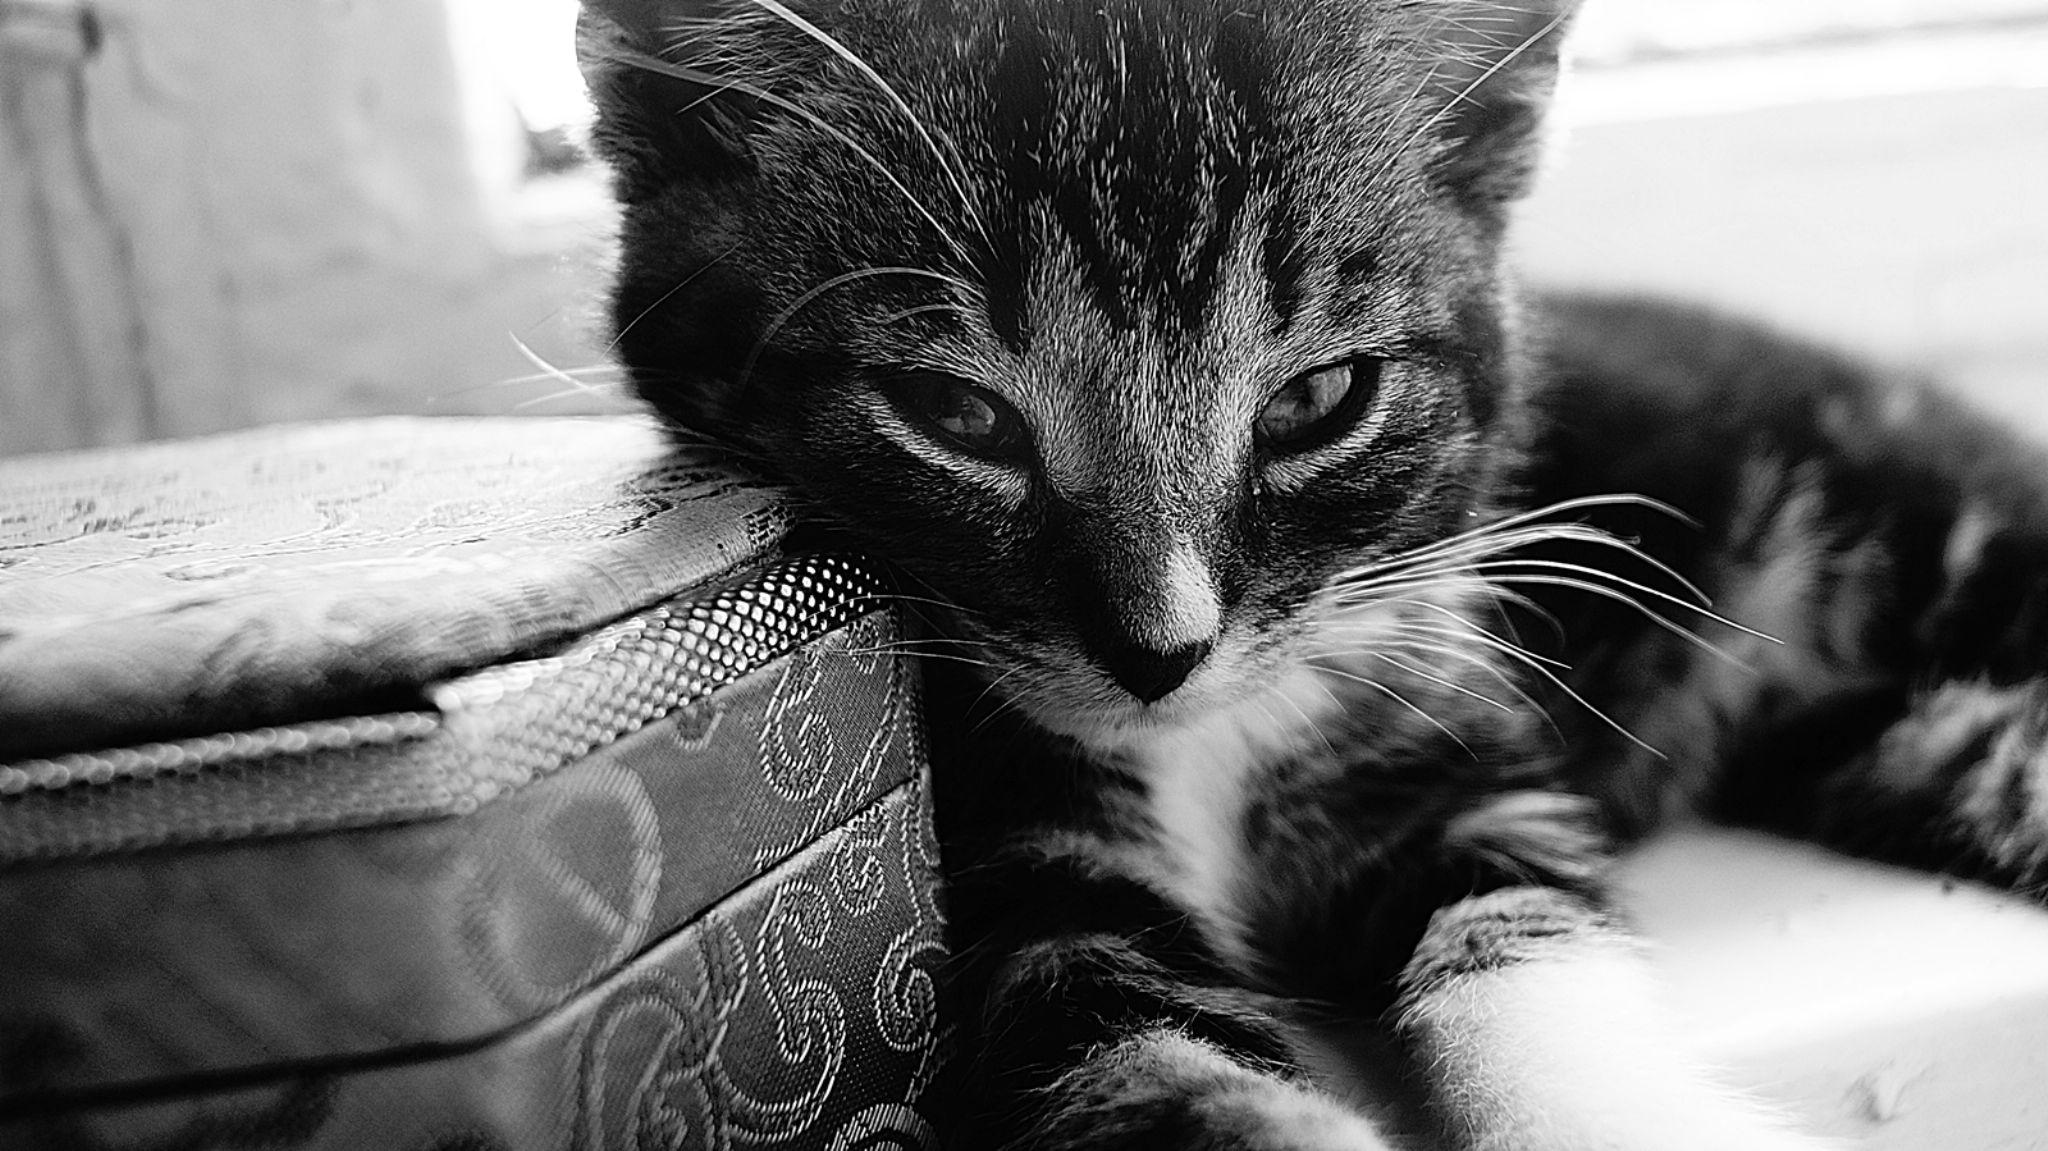 cat by Kamil Gaweł